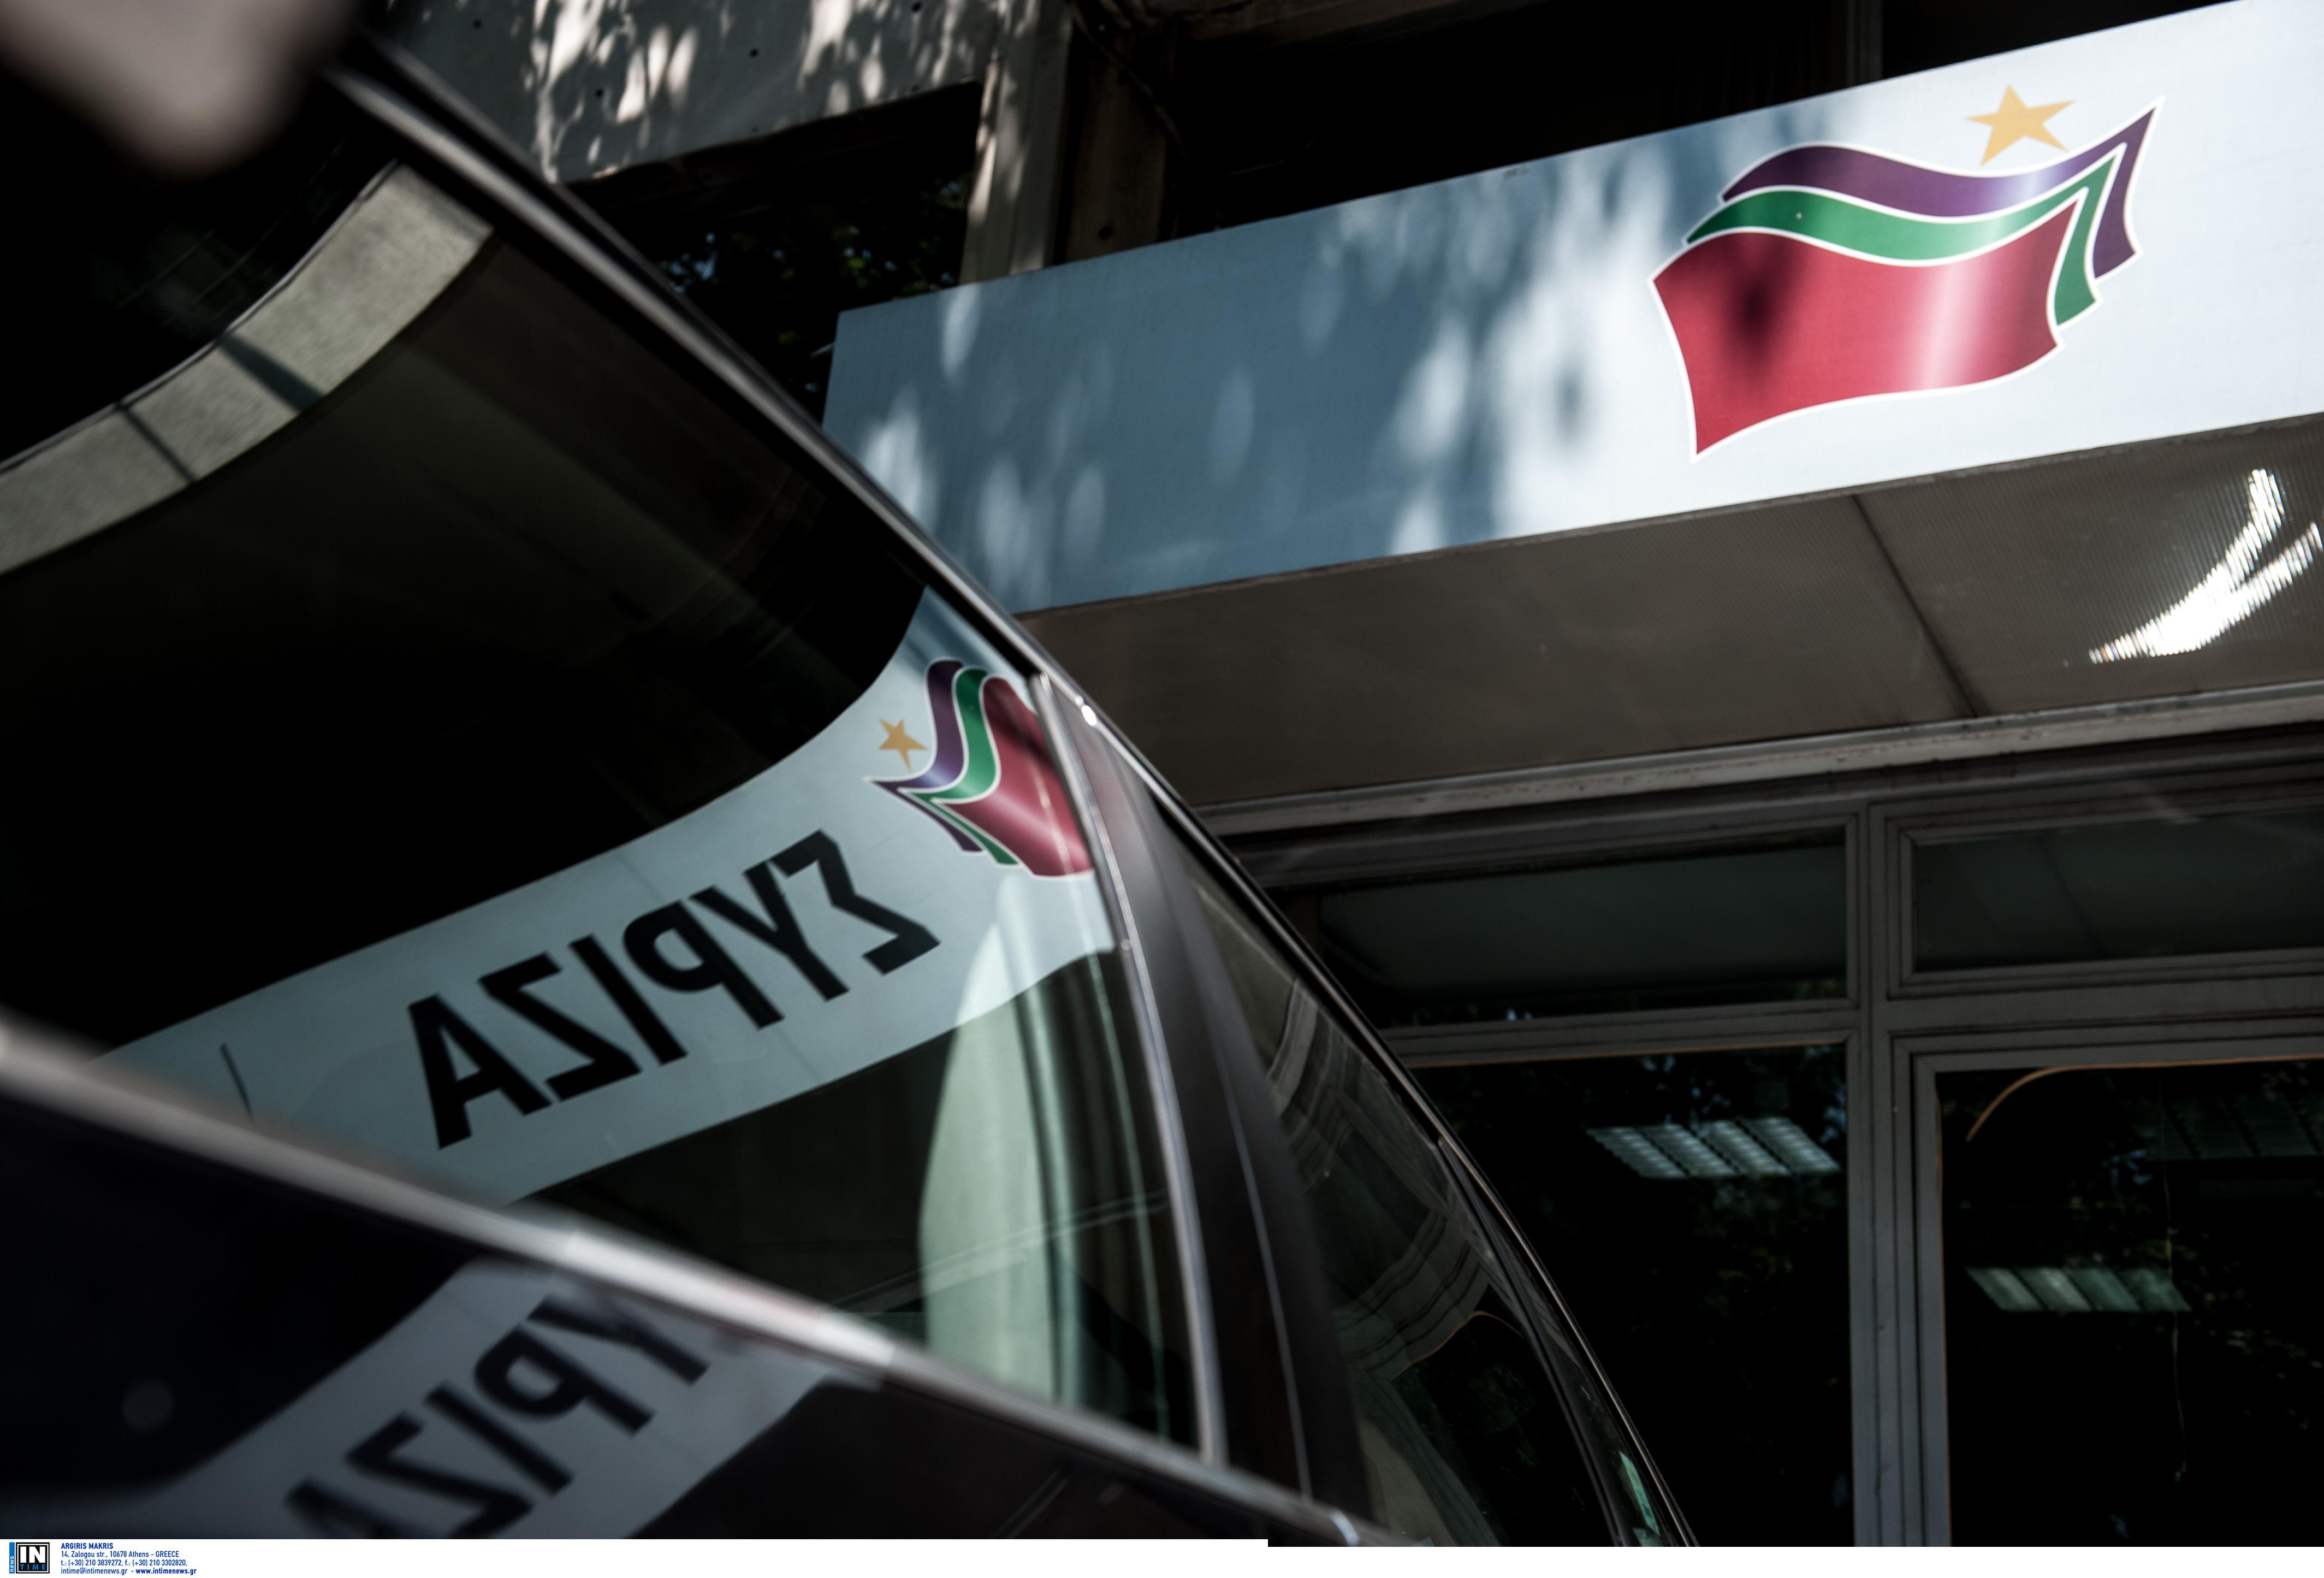 """ΣΥΡΙΖΑ σε κυβέρνηση: Μην πανηγυρίζετε για τη Λαγκάρντ, θέλει """"αίμα"""" στα εργασιακά"""